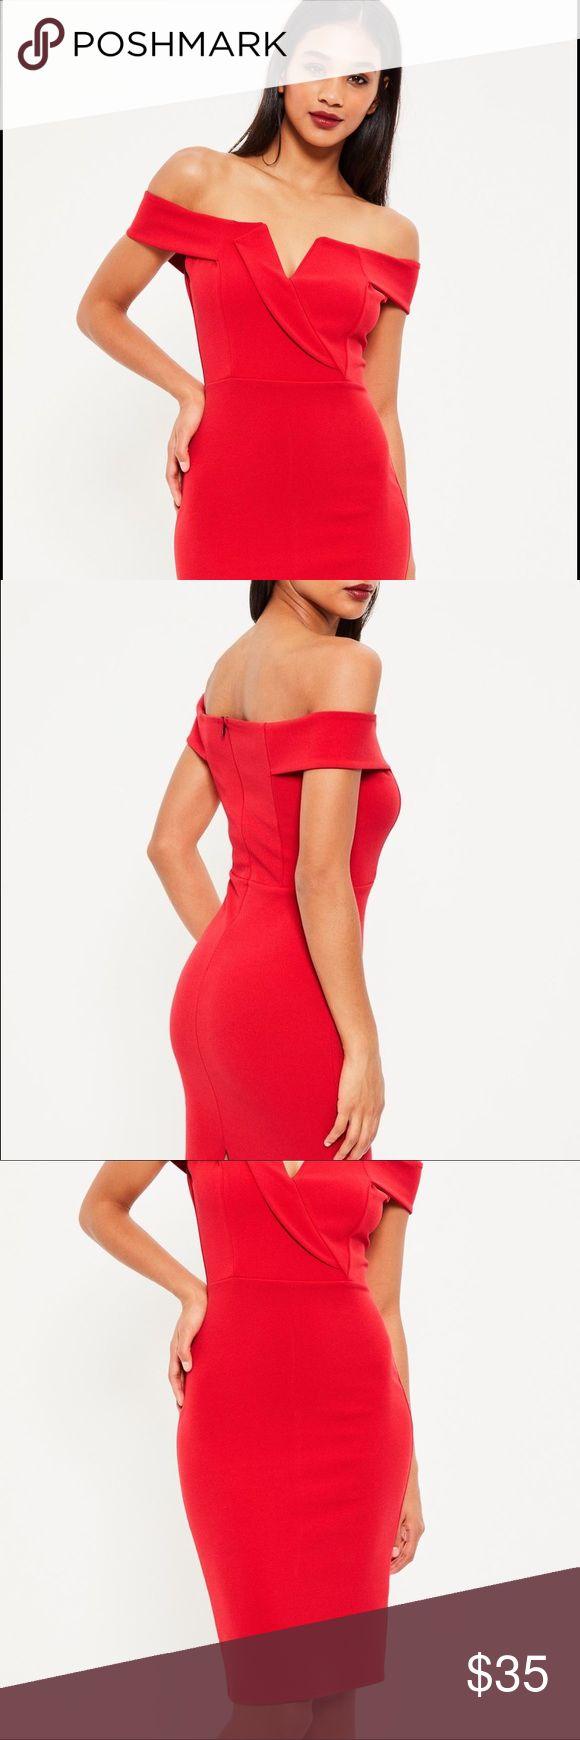 Missguided Red Bardot Midi Dress Missguided Red Bardot Midi Dress. Never worn. Tags still attached. Missguided Dresses Midi